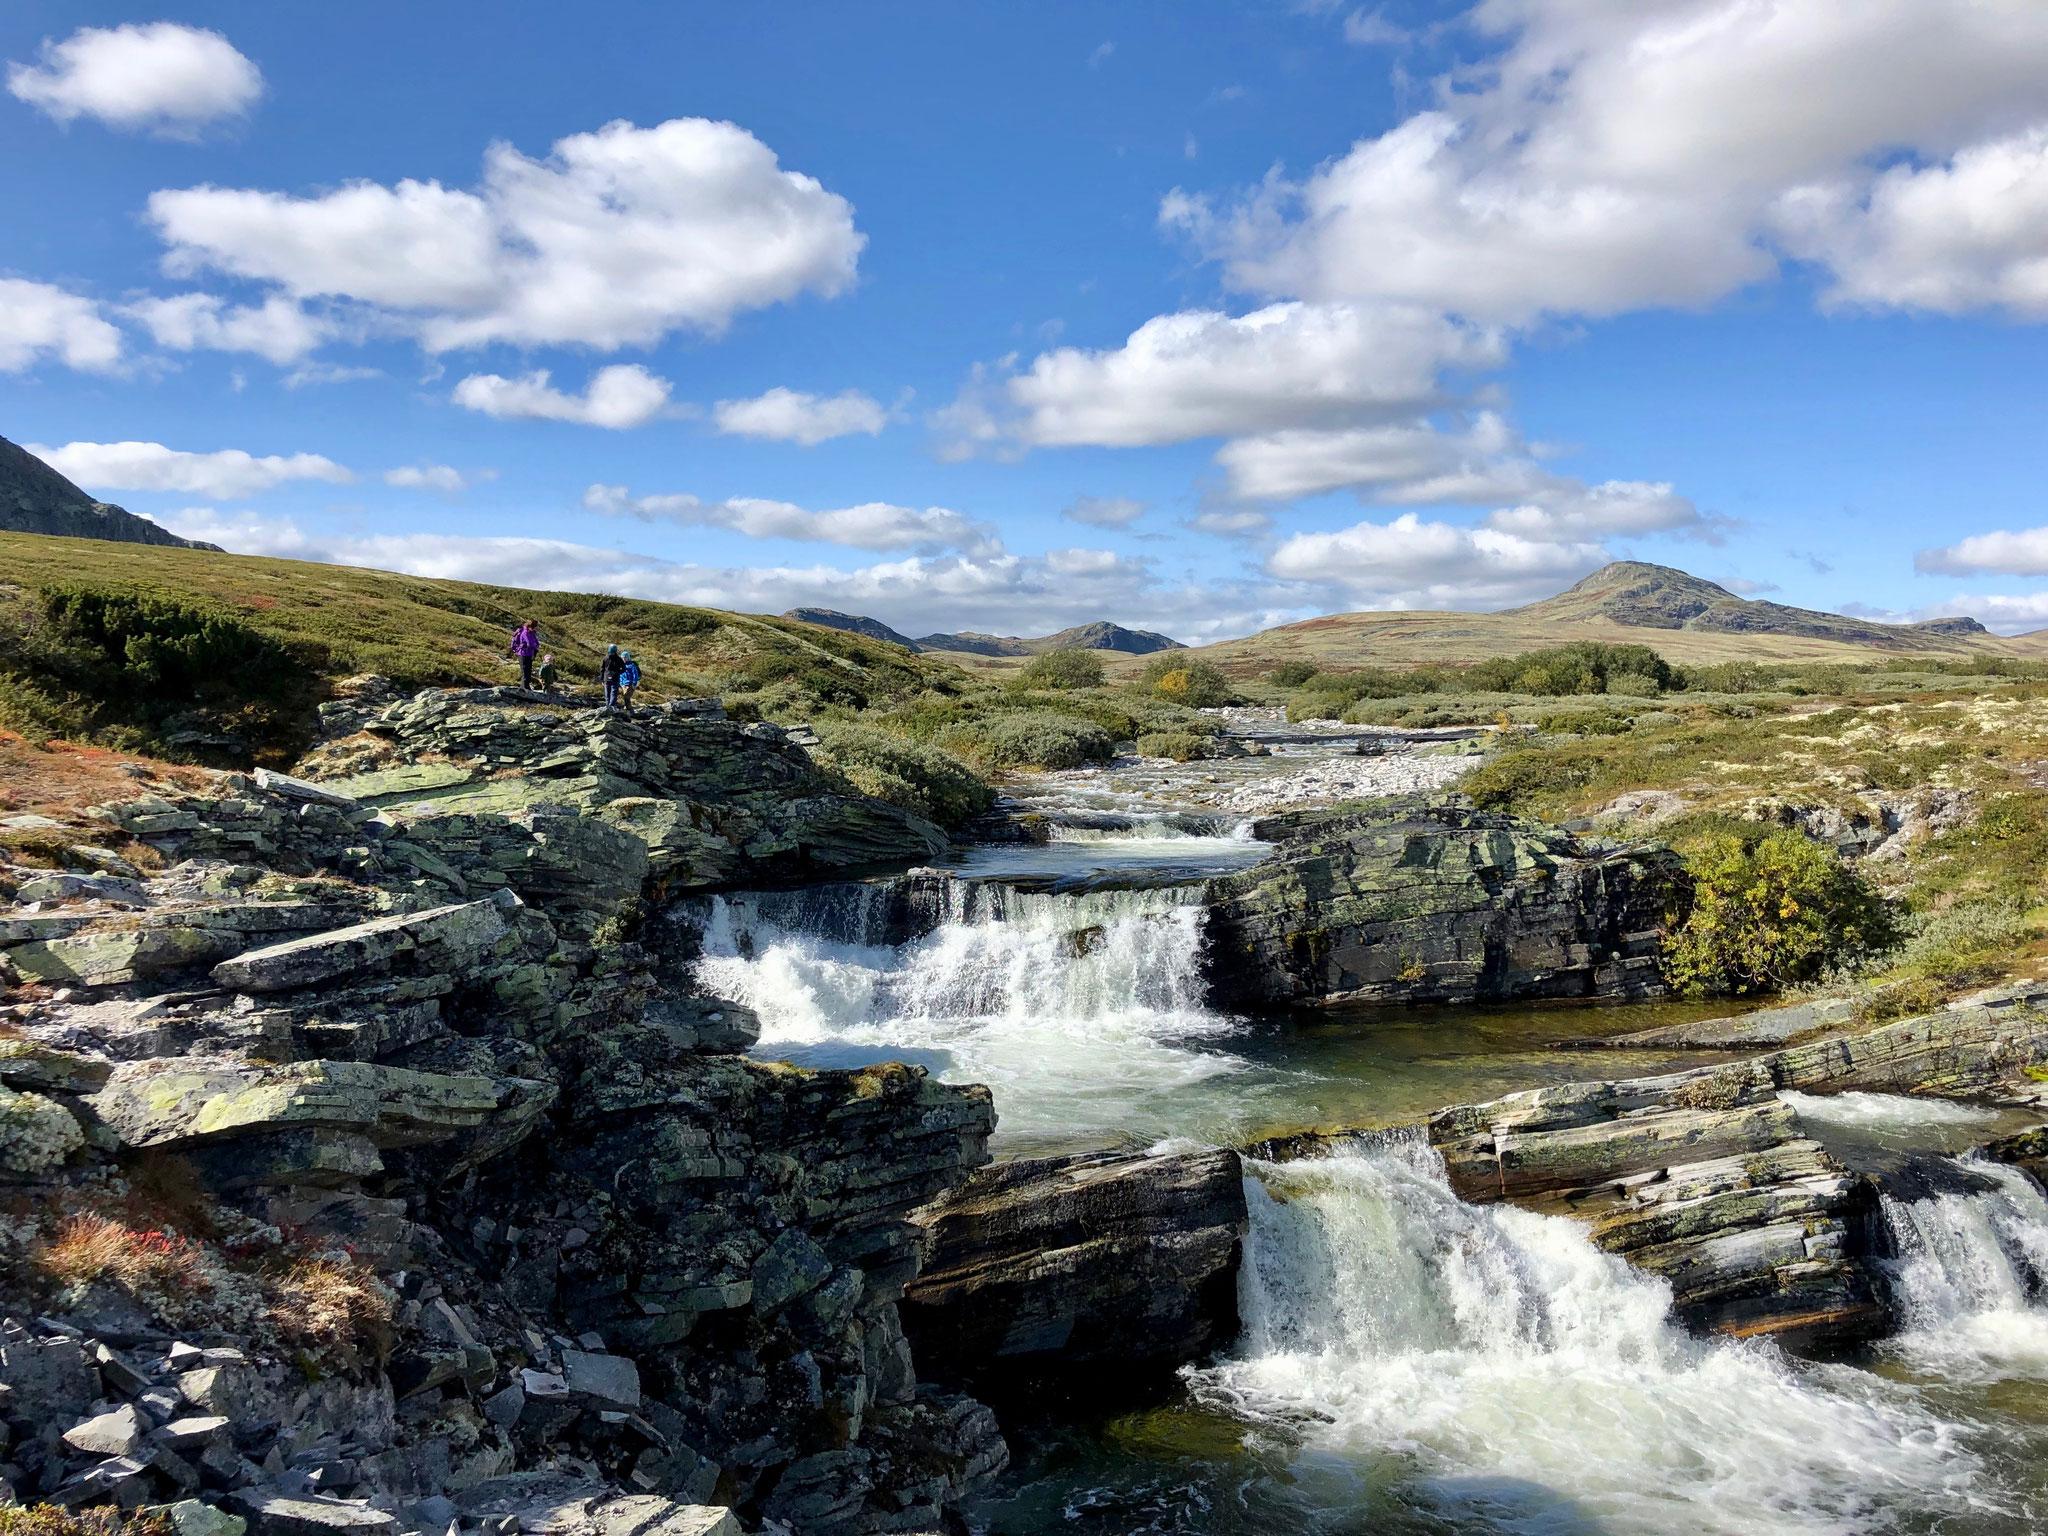 Die Wasserfälle befinden sich direkt unter der Brücke kurz vor bzw. nach der Hütte.